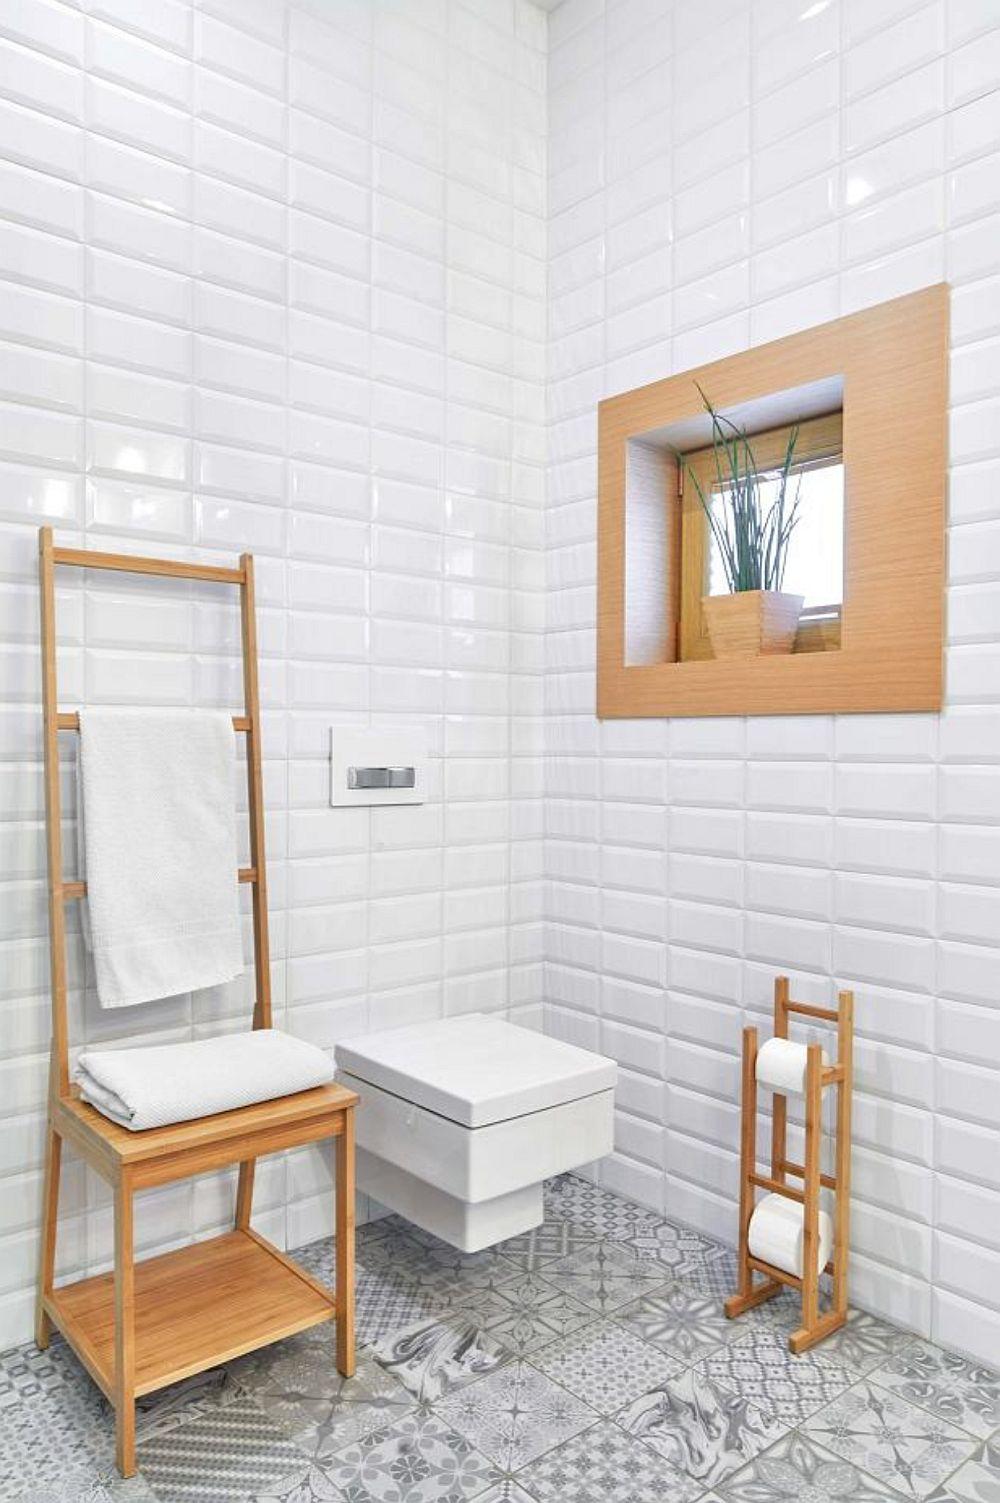 Obiectele sanitare alese sunt unele moderne, cu forme geometrice clare. Pentru ca geamul din baie să nu se simtă meschin, el a fost încadrat de o ramă mai lată în ton cu piesele din lemn prezente în încăpere.